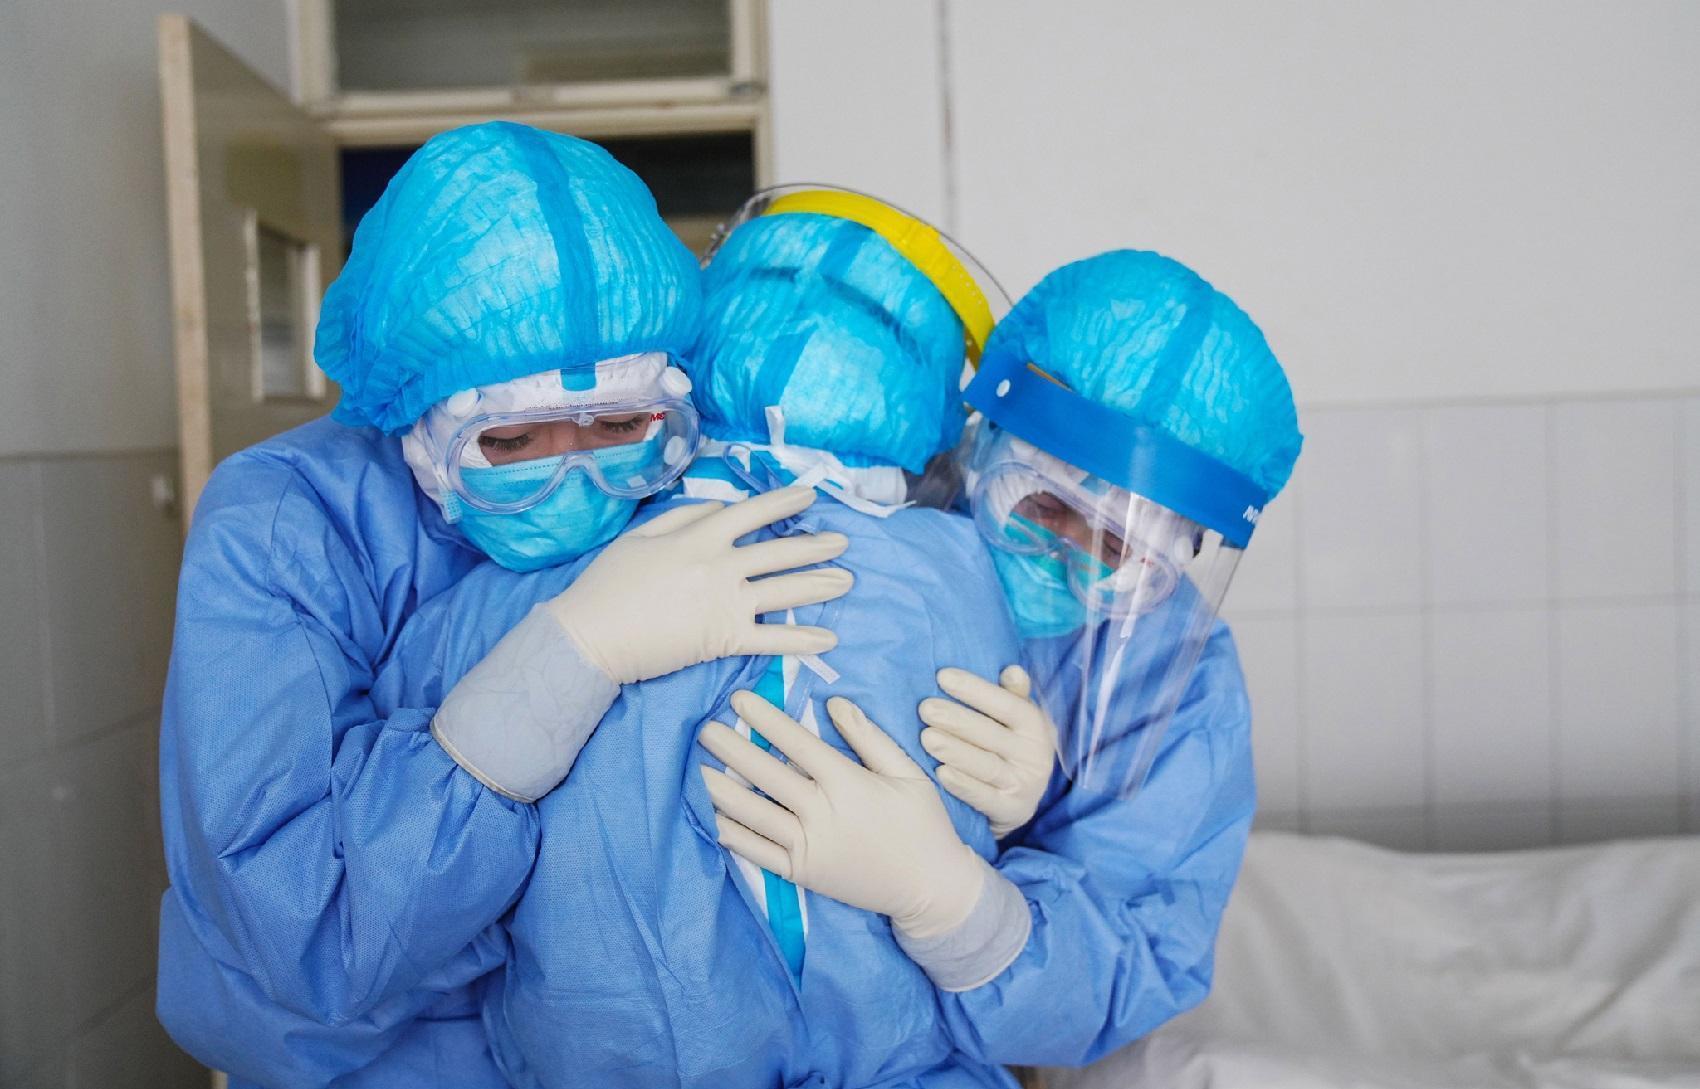 7 июля в Тверской области 112 человек выздоровели, 36 заболели и трое умерли от коронавируса - новости Афанасий